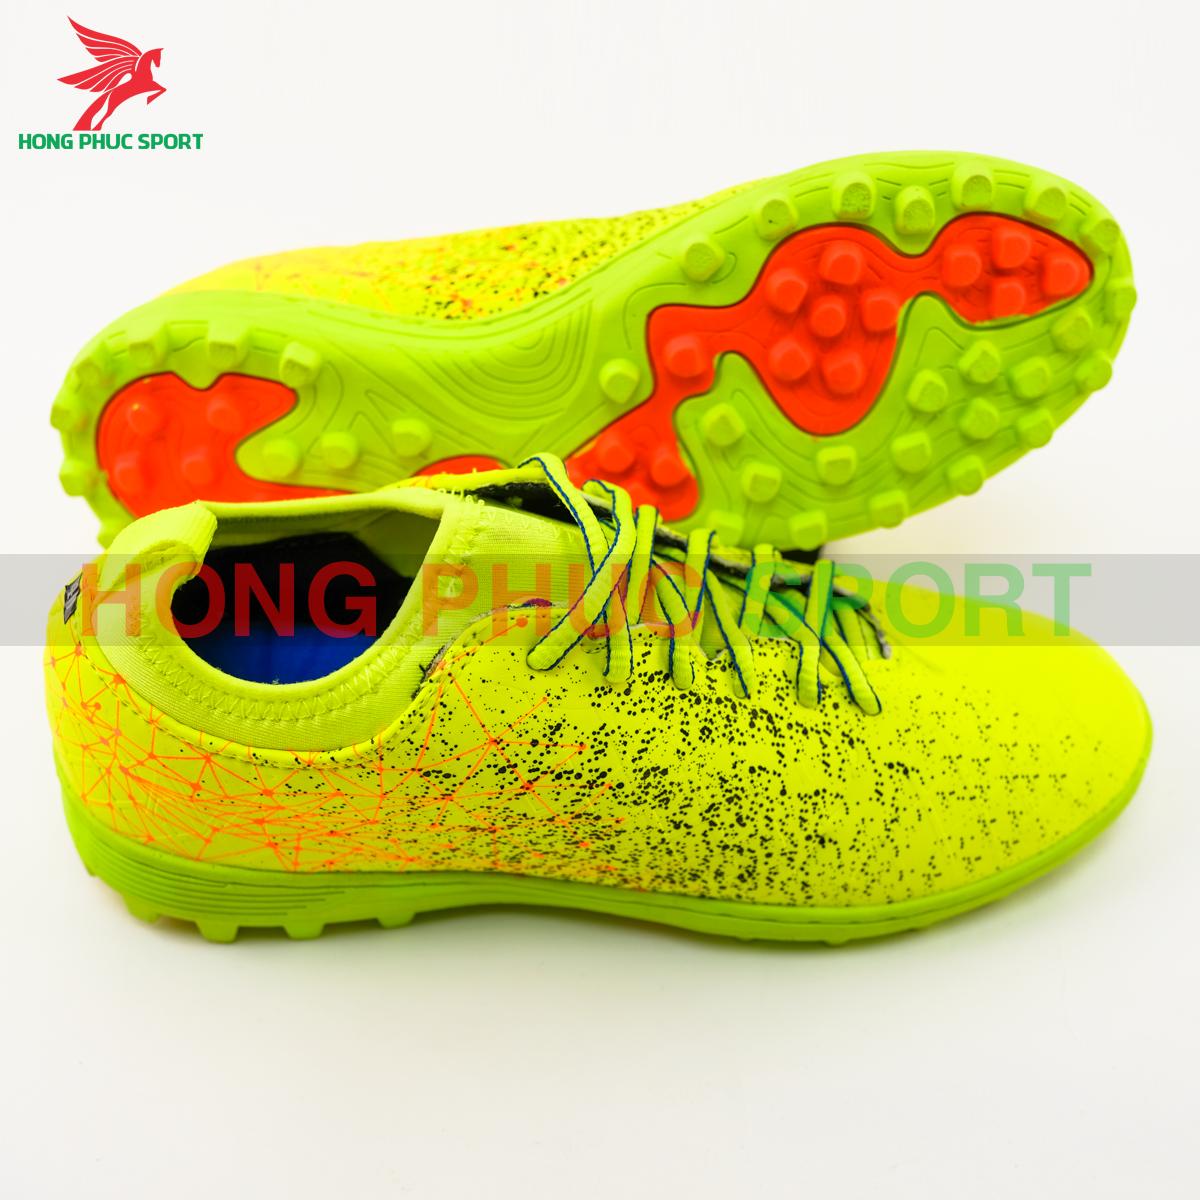 https://cdn.hongphucsport.com/unsafe/s4.shopbay.vn/files/285/giay-da-bong-hong-phuc-premium-21-3-2021-mau-xanh-chuoi-60892c4b46c2d.png